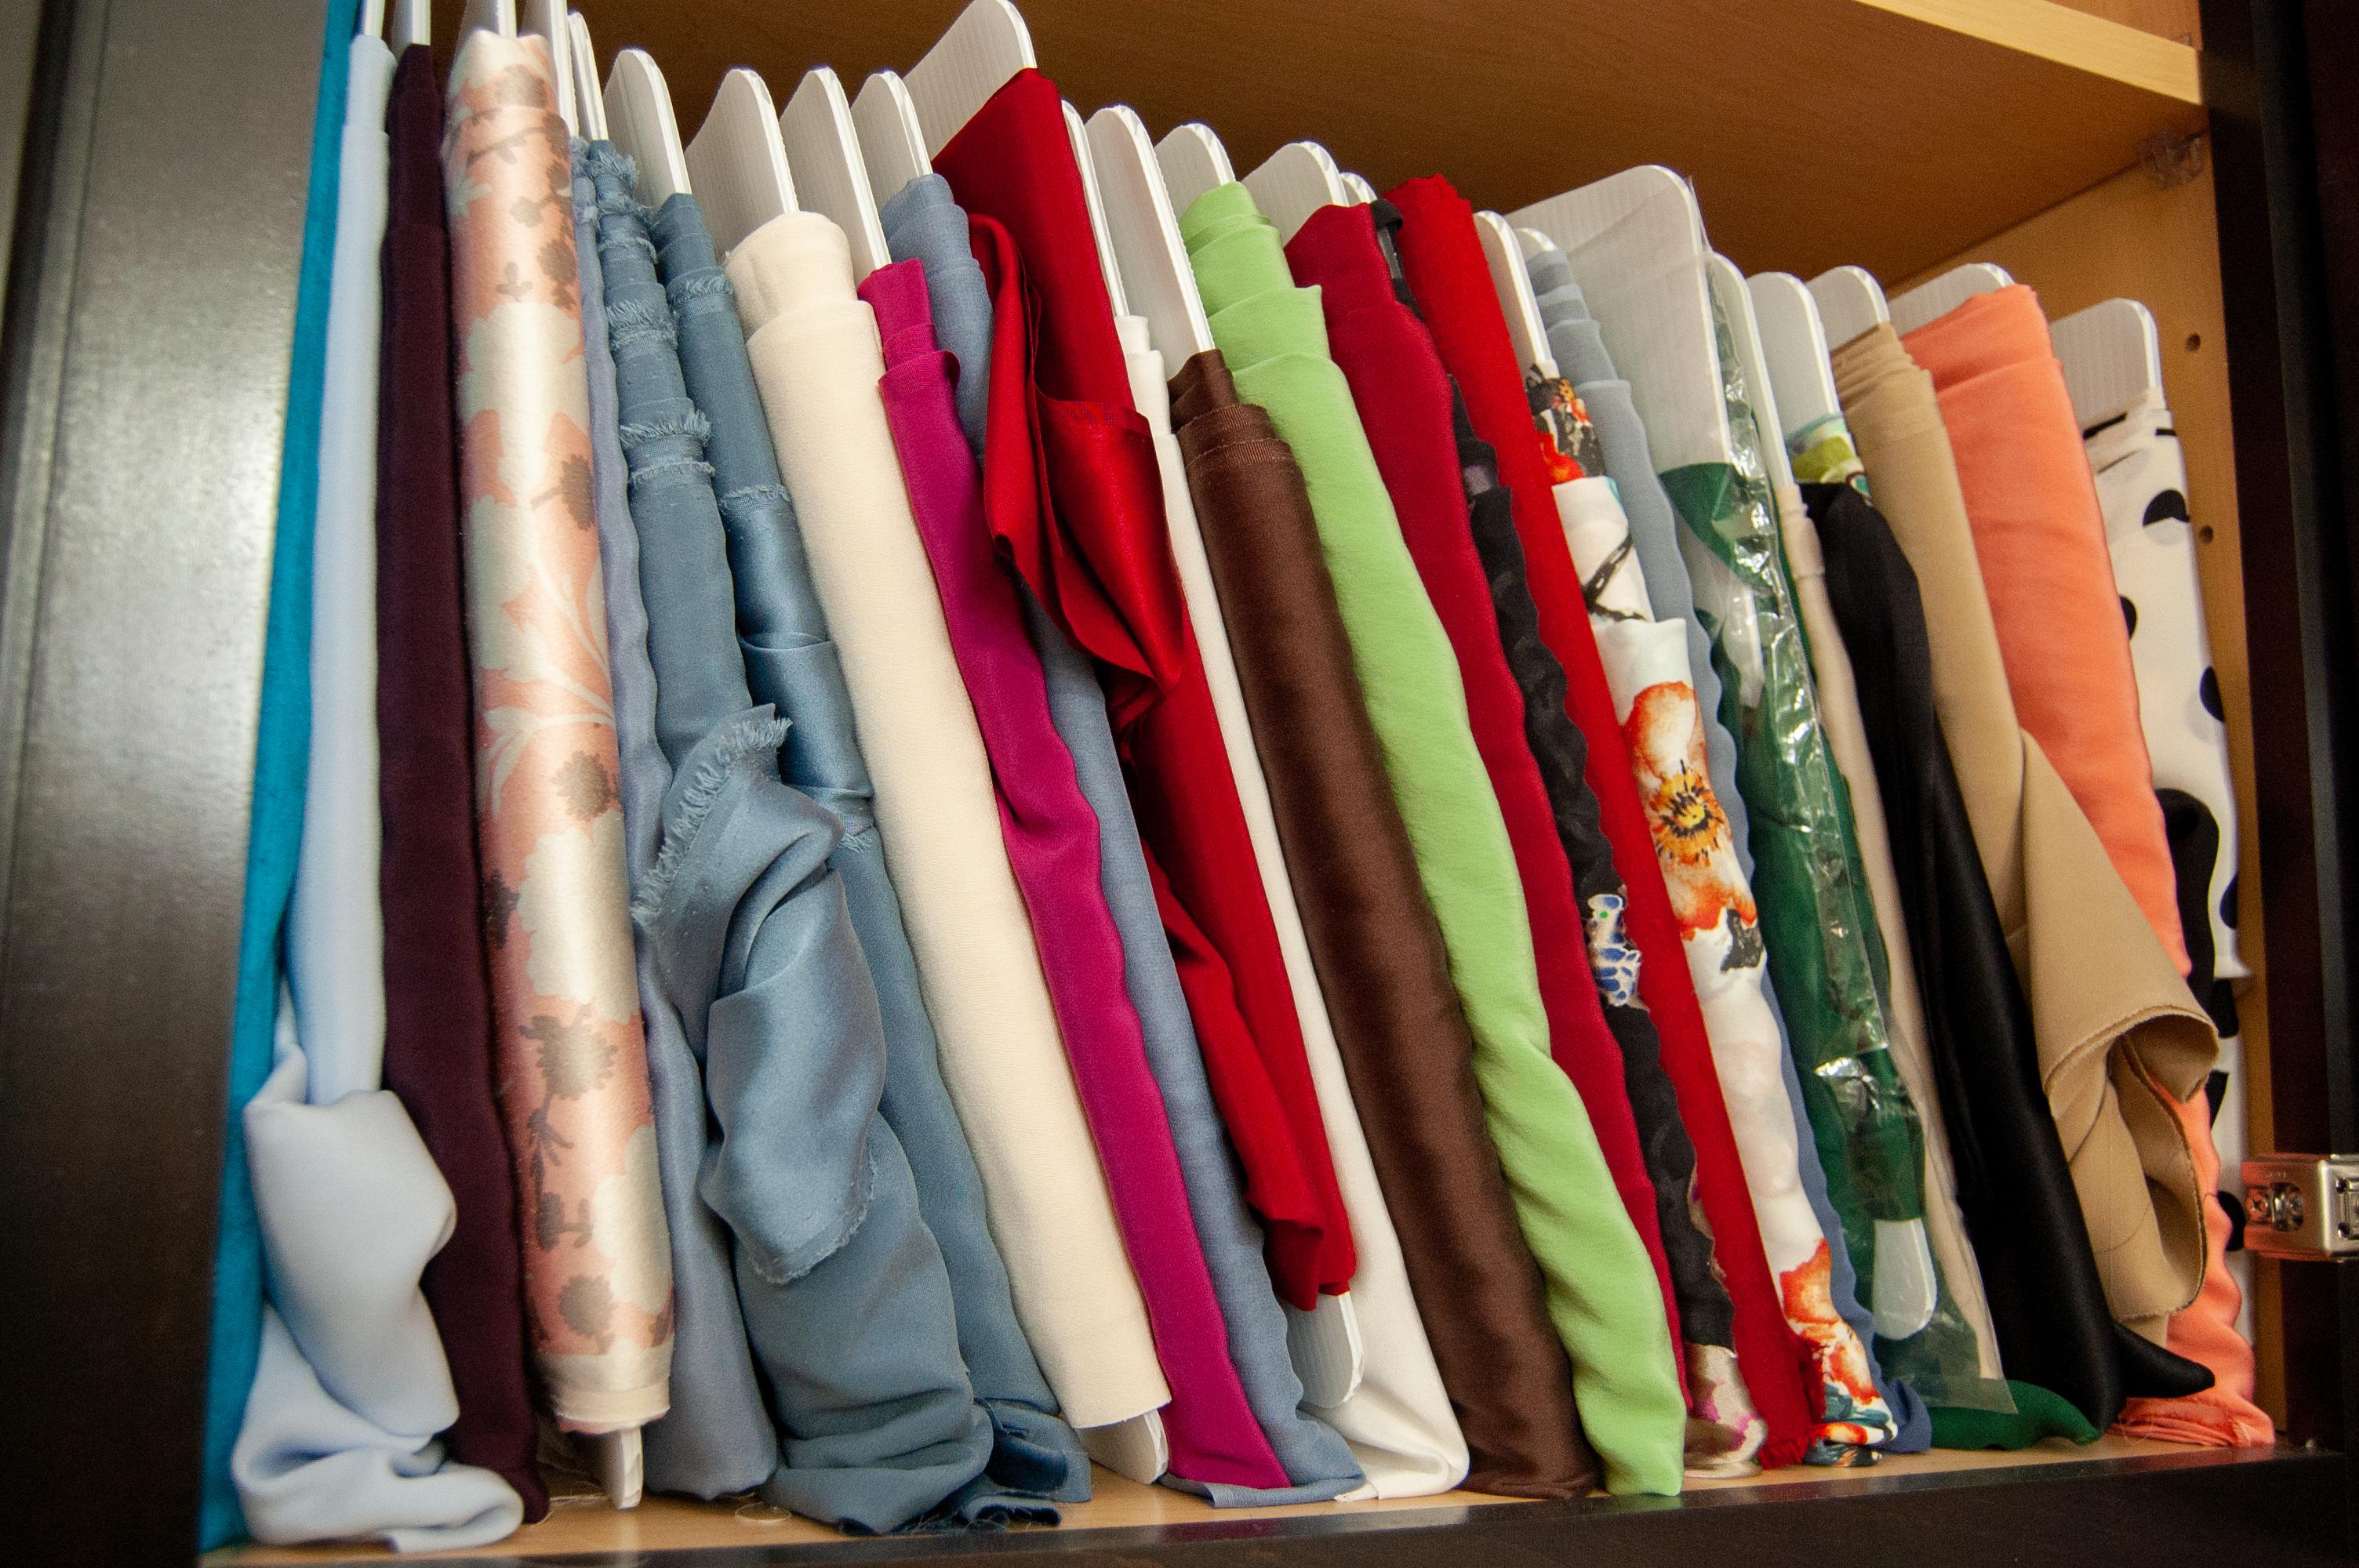 managing fabric yardage_2020 05 01_0447